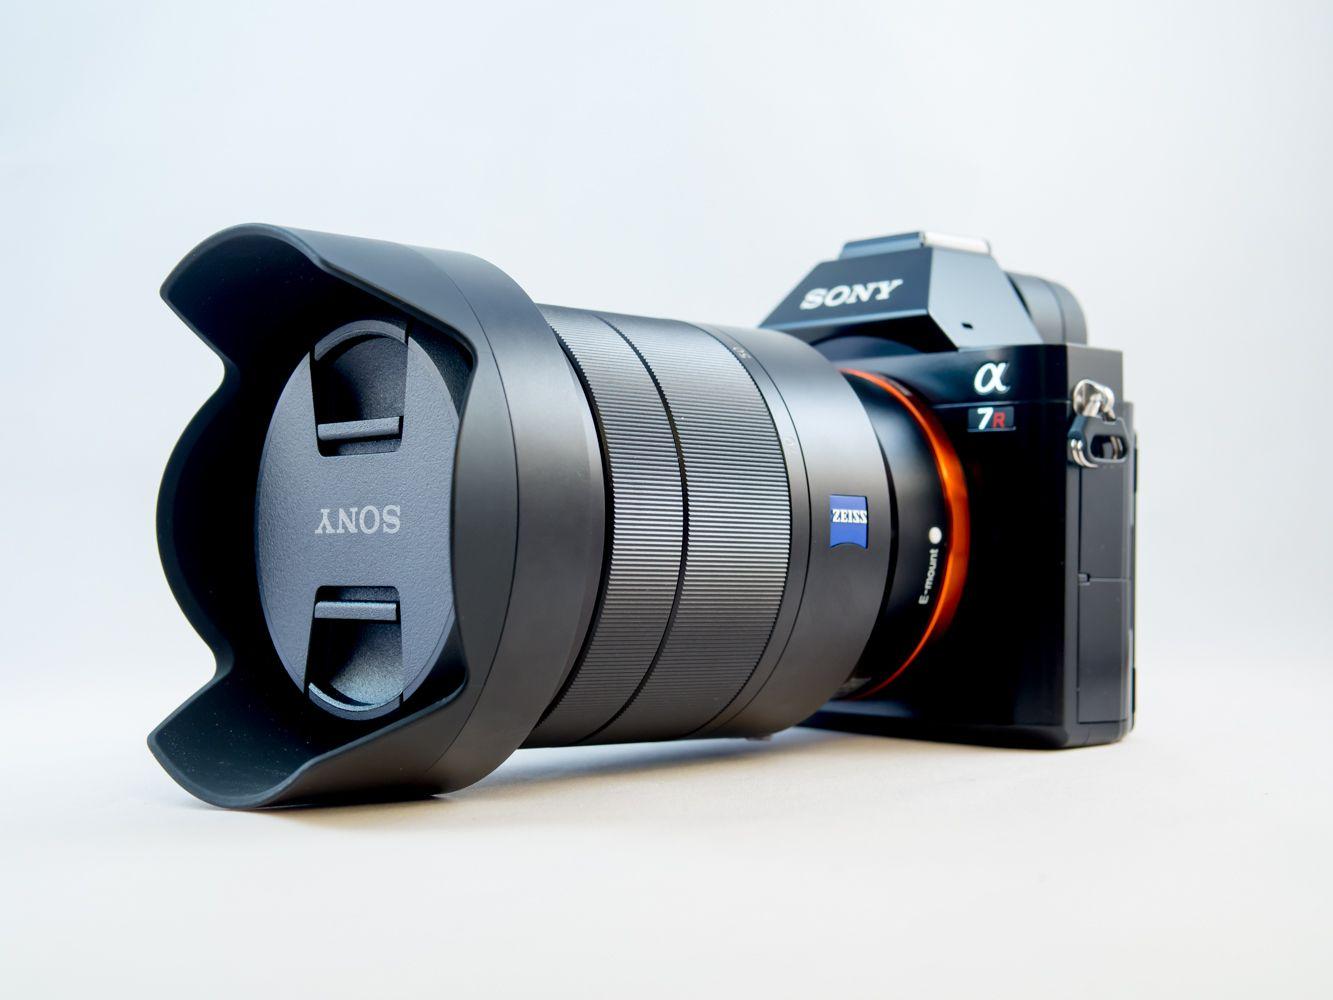 Sony Sel2470z Carl Zeiss 24 70mm F 4 Za Oss Lens In 2021 Sony Oss Camera